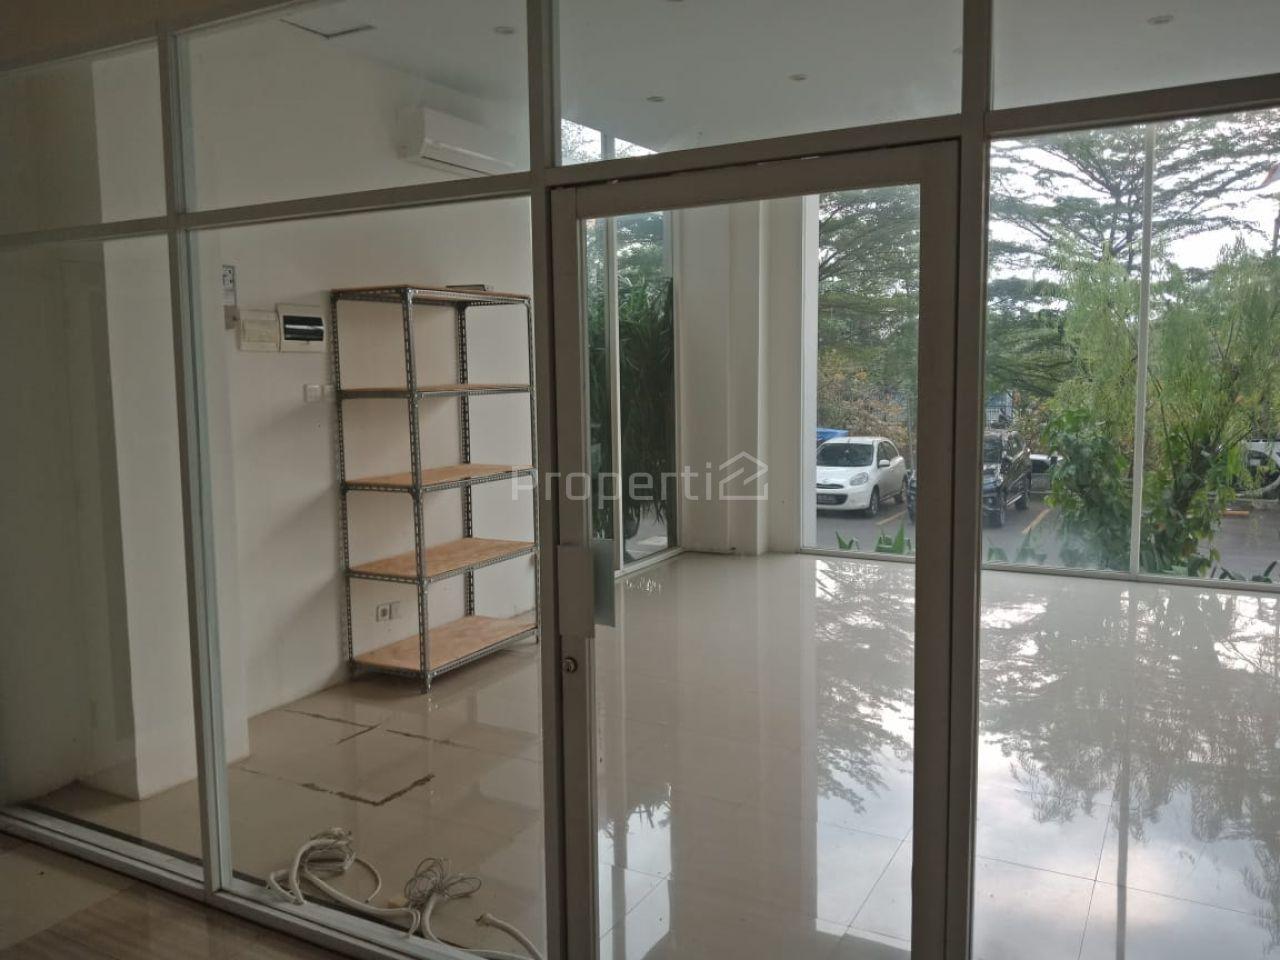 Exclusive Kiosk in Tamansari Apartment, Kota Tangerang